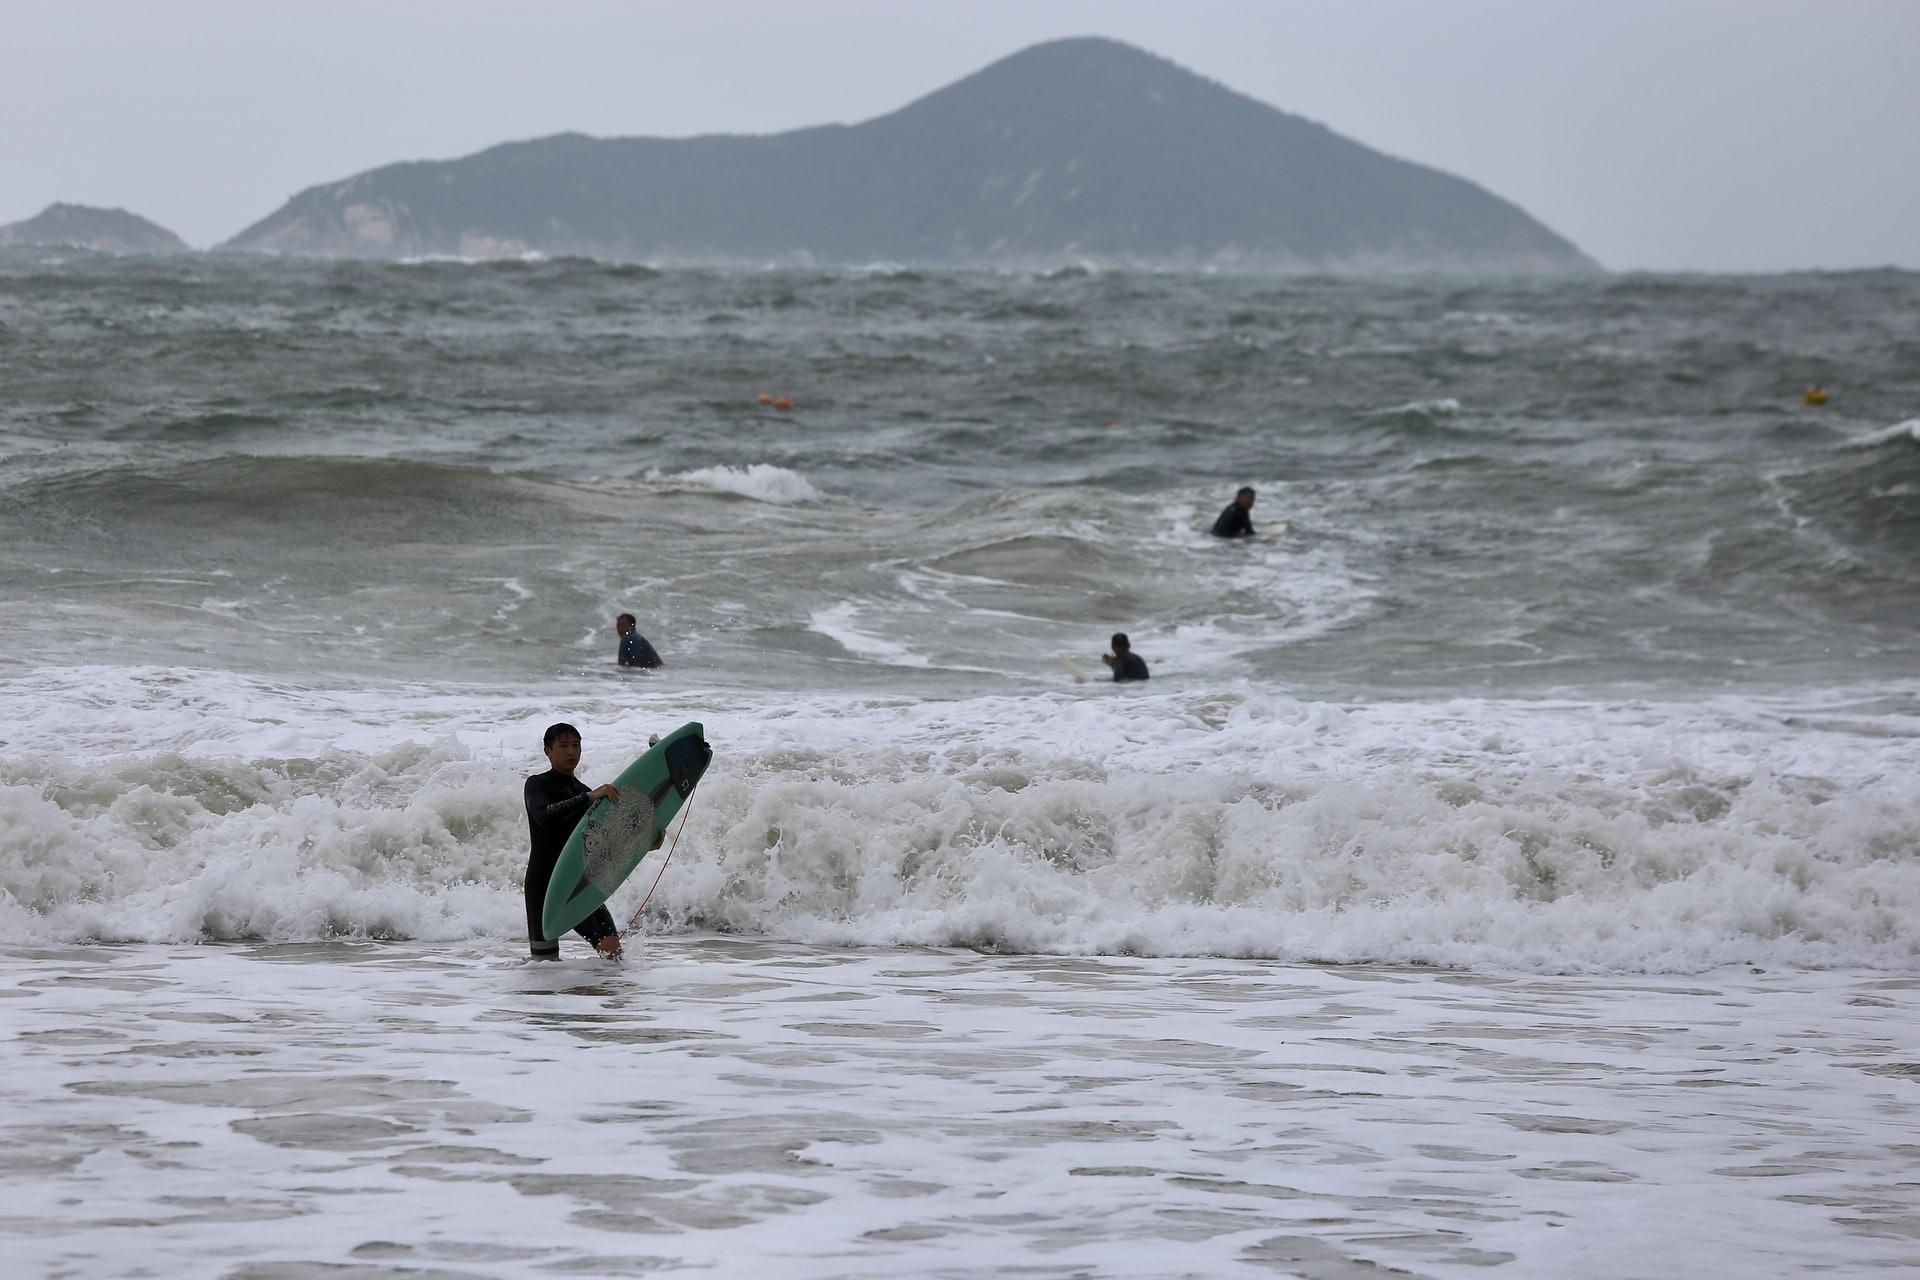 石澳泳灘有不少人到場滑浪。(郭倩雯攝)